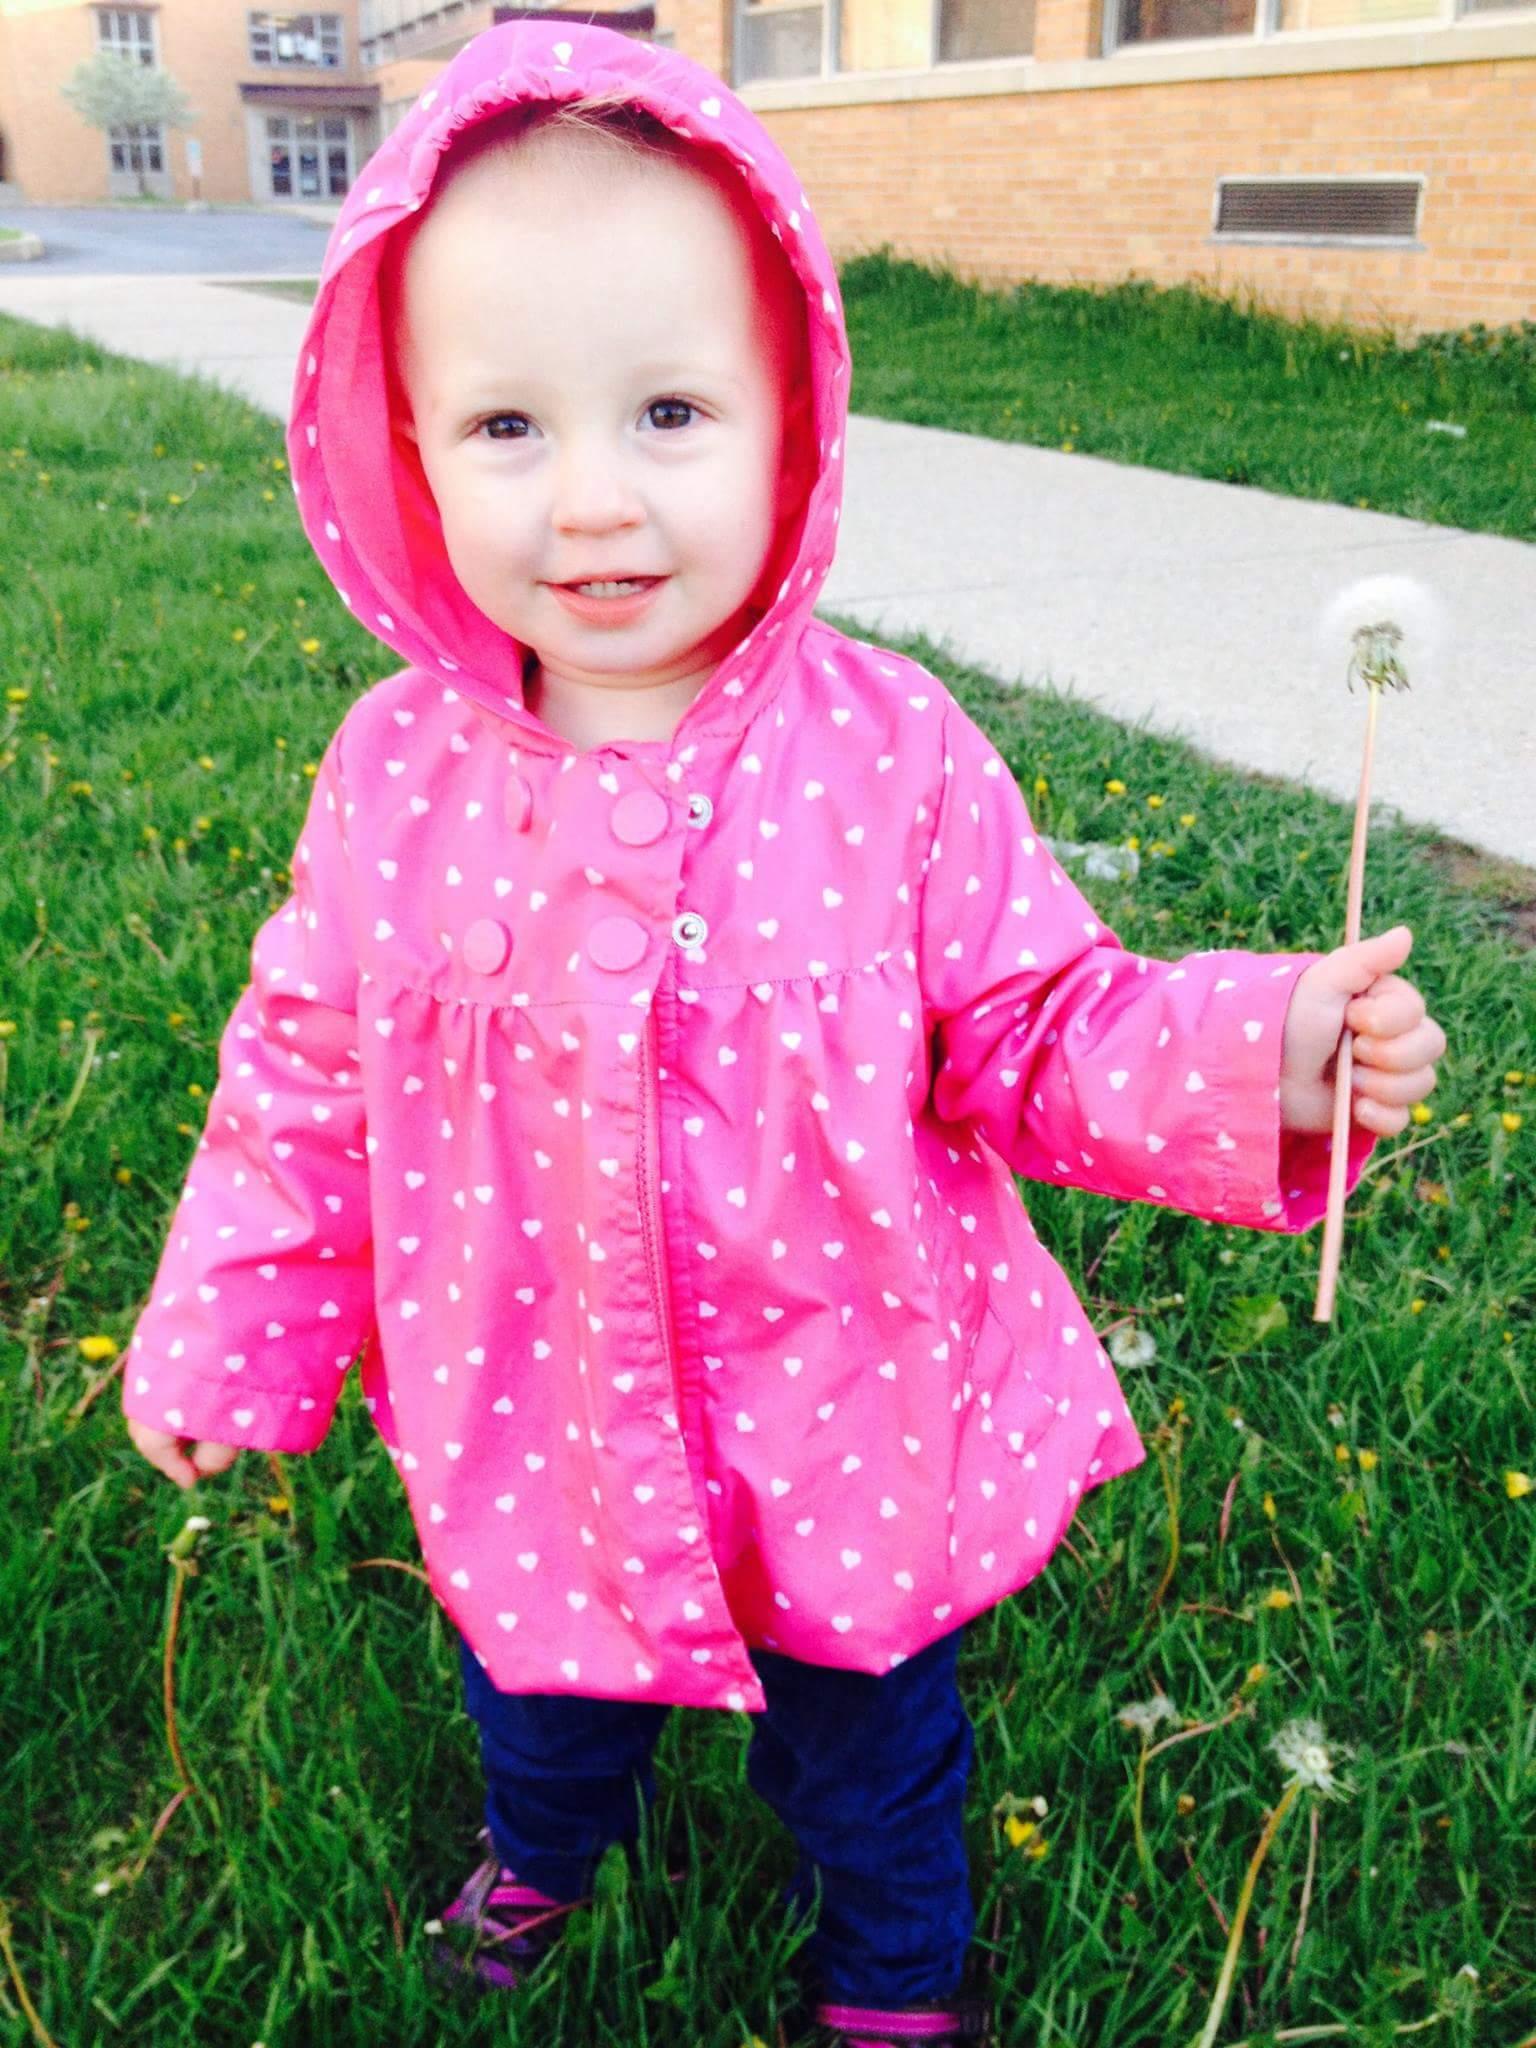 Toddler in pink jacket holding dandelion